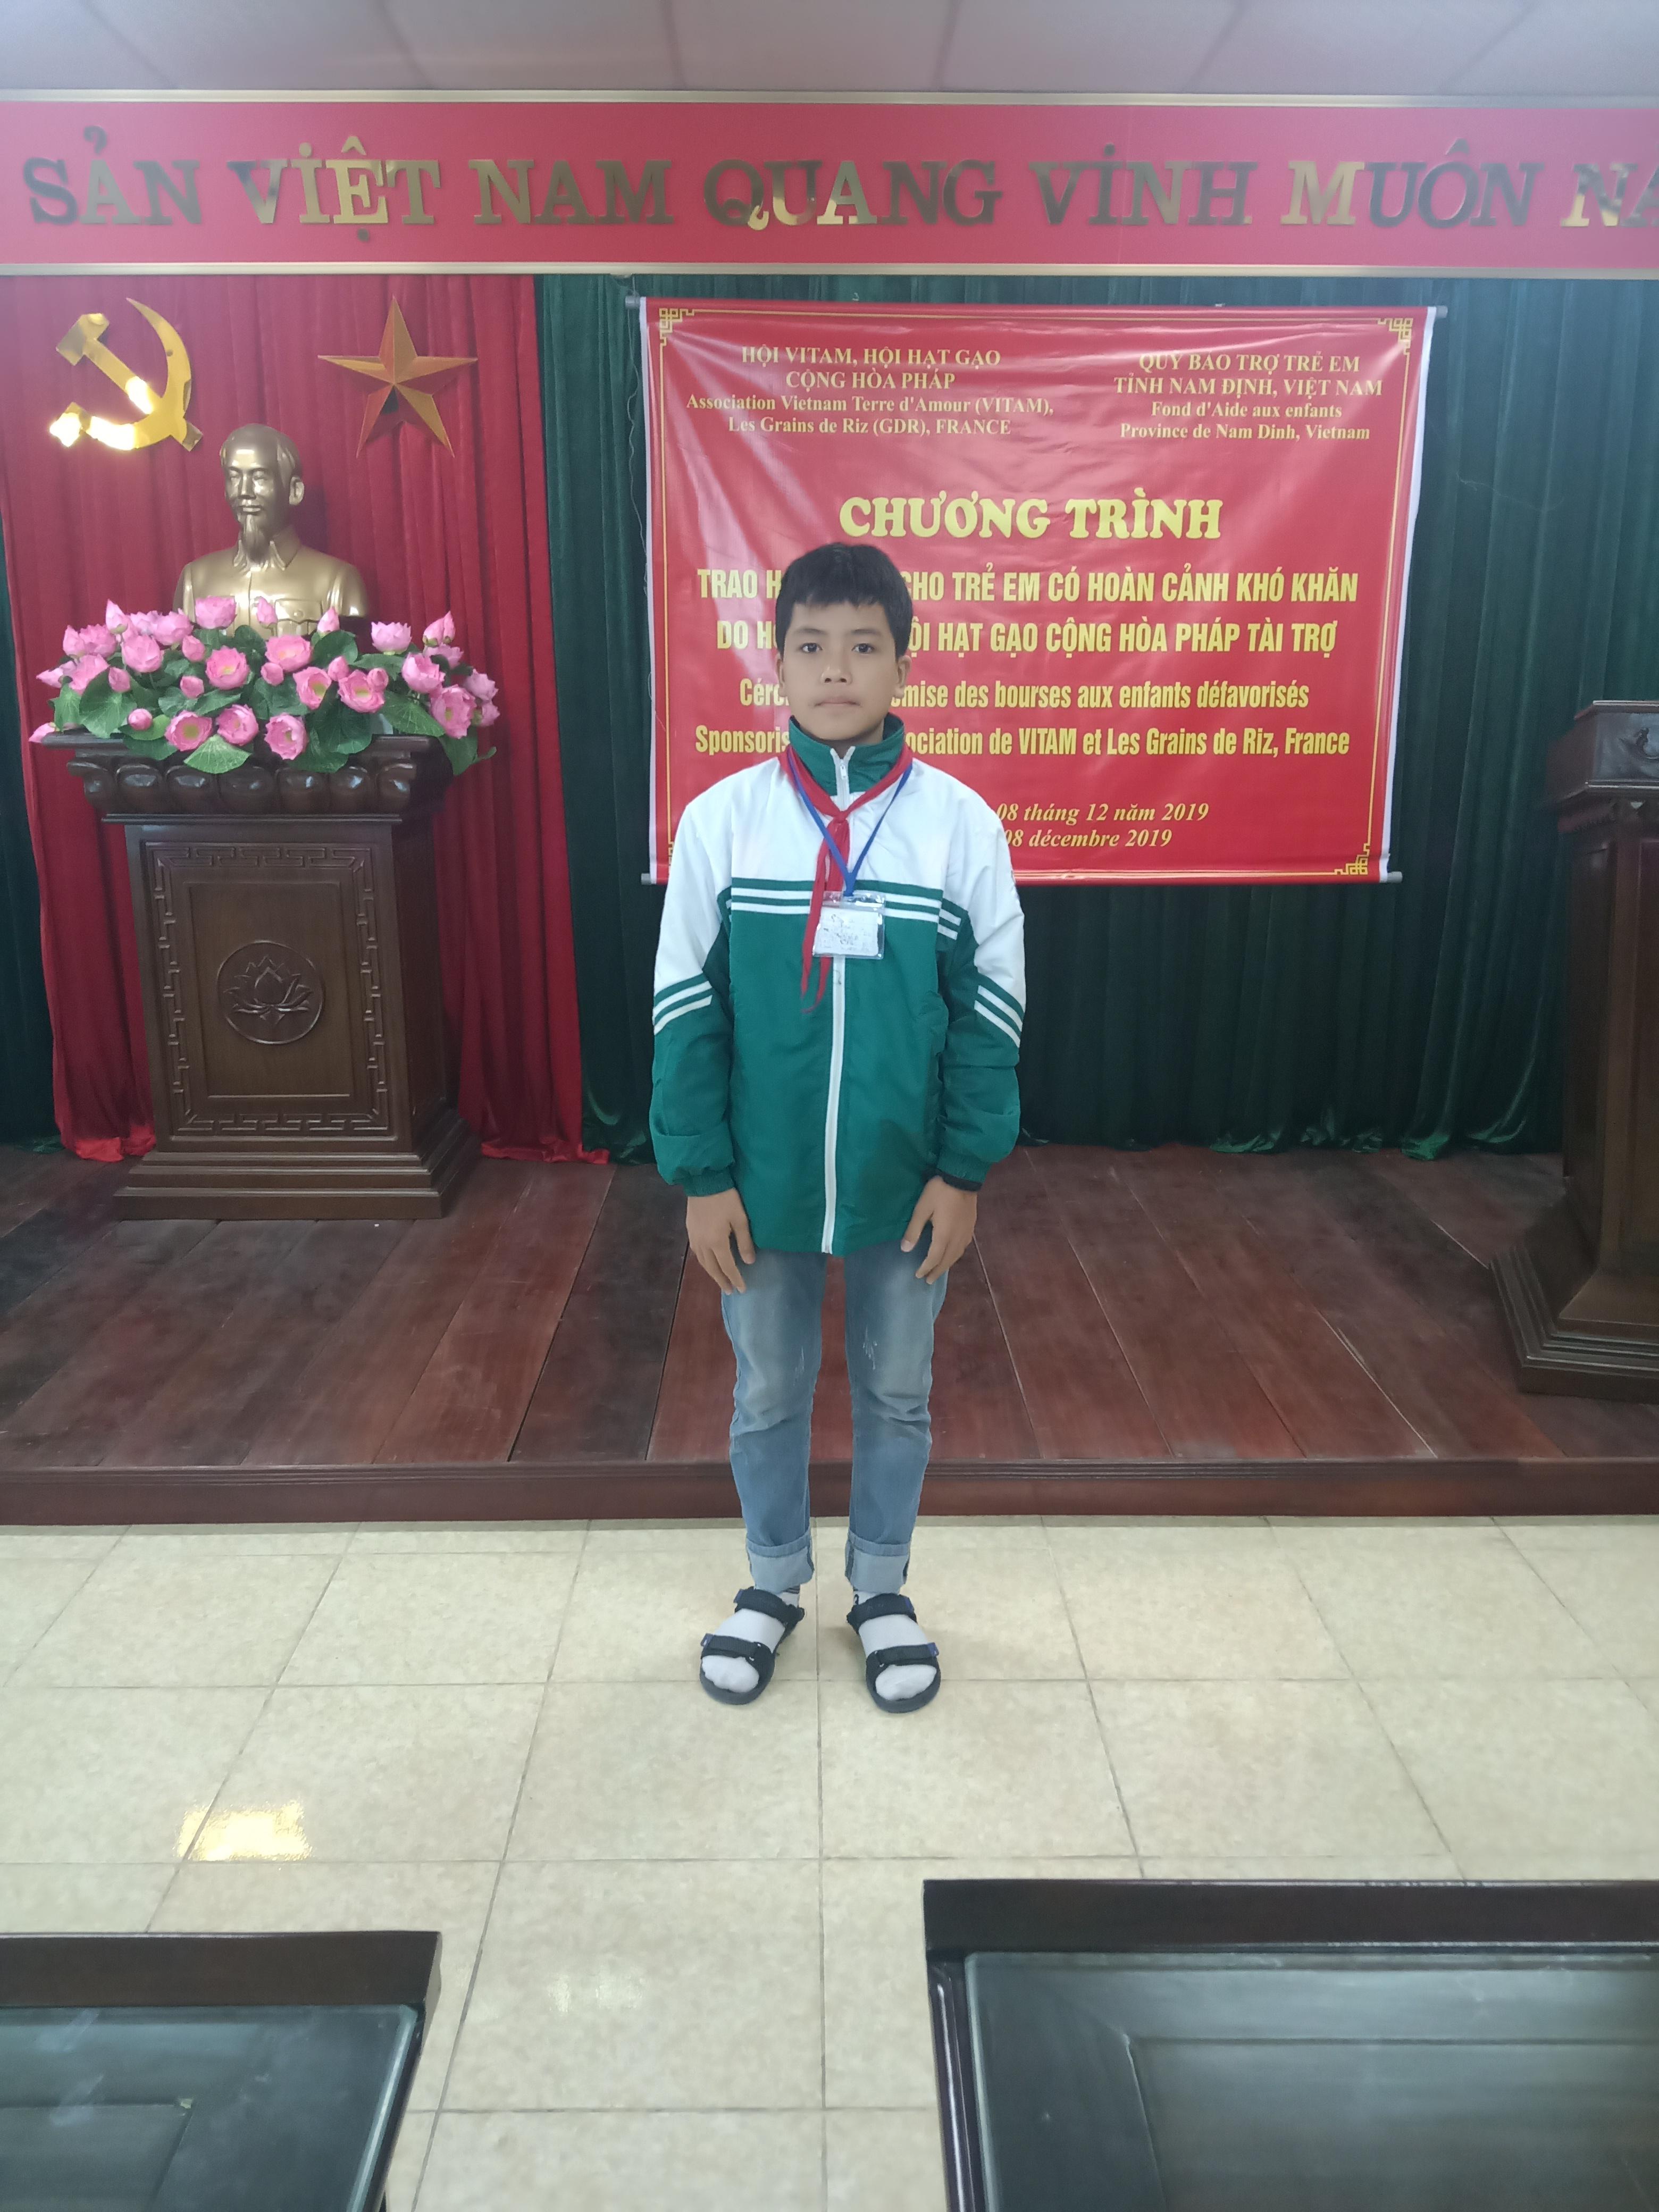 LUDDENS_Phạm-Văn-Tuân